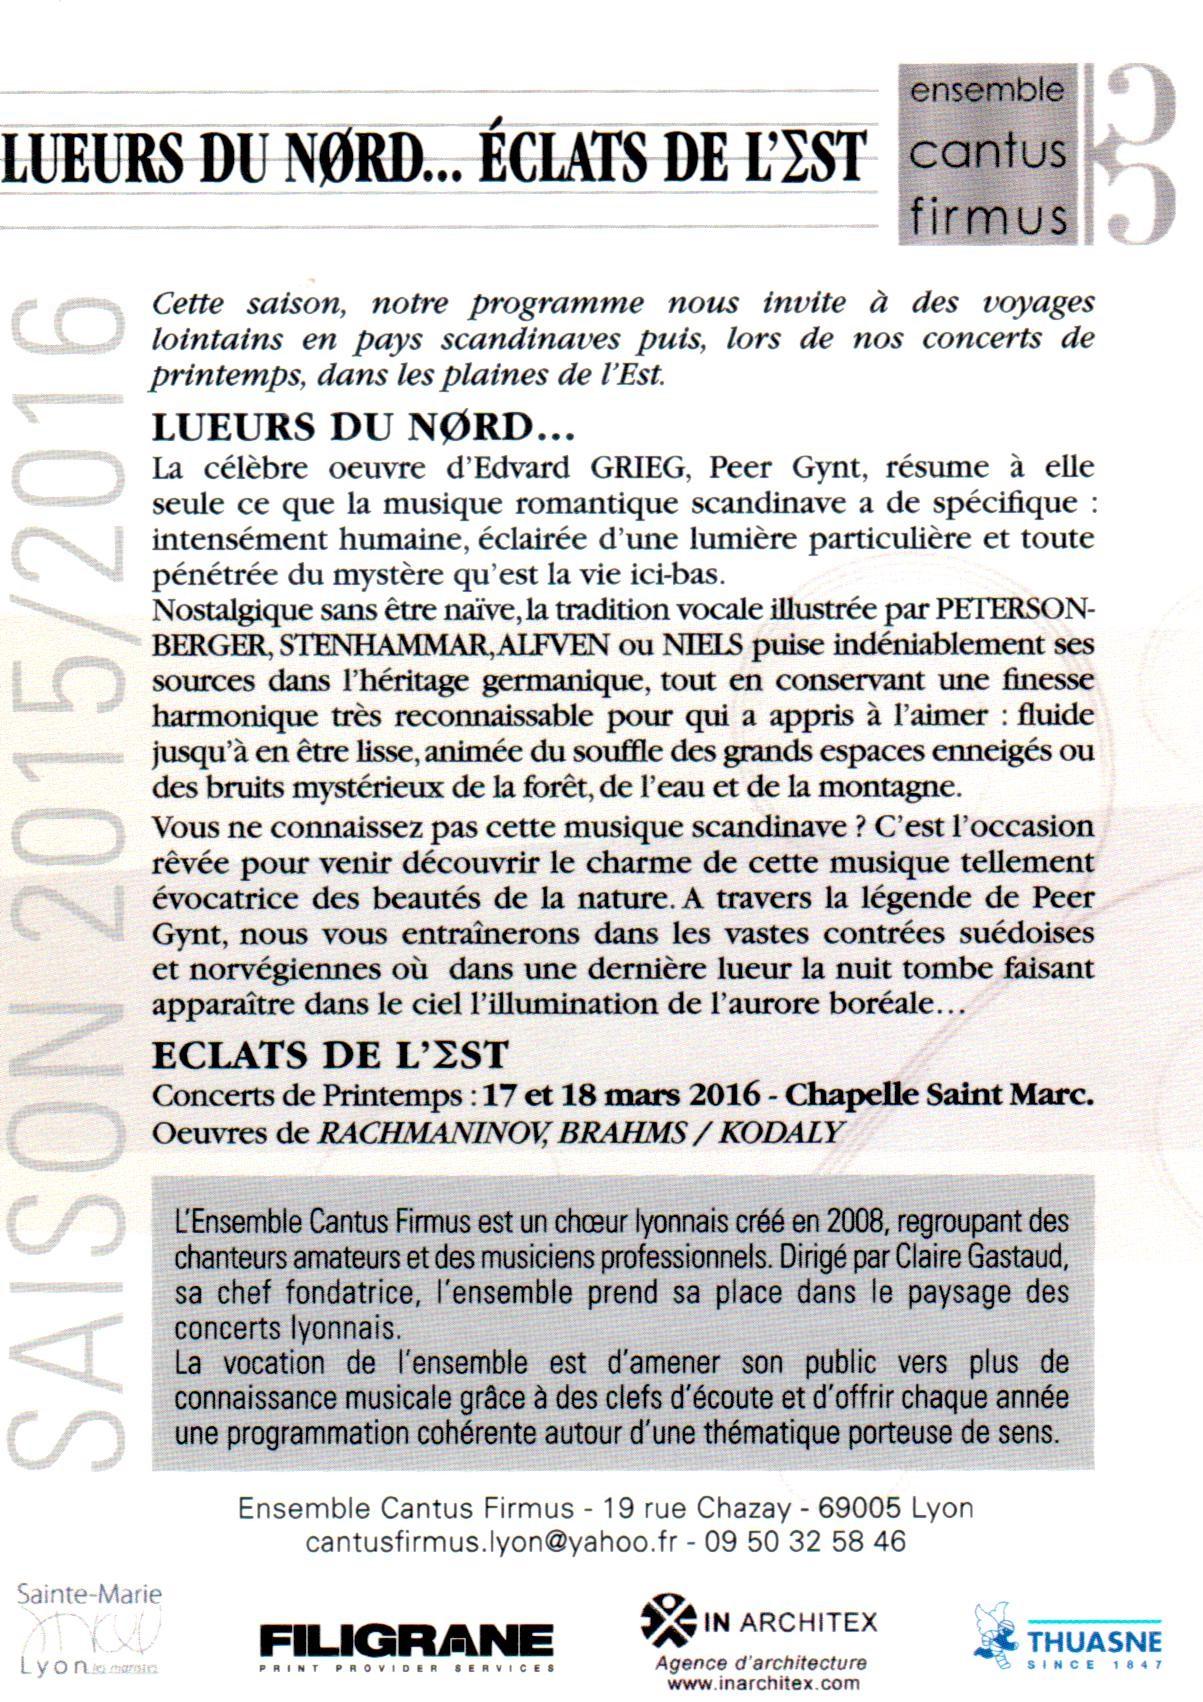 2015-10_LUEURS du NORD (2)